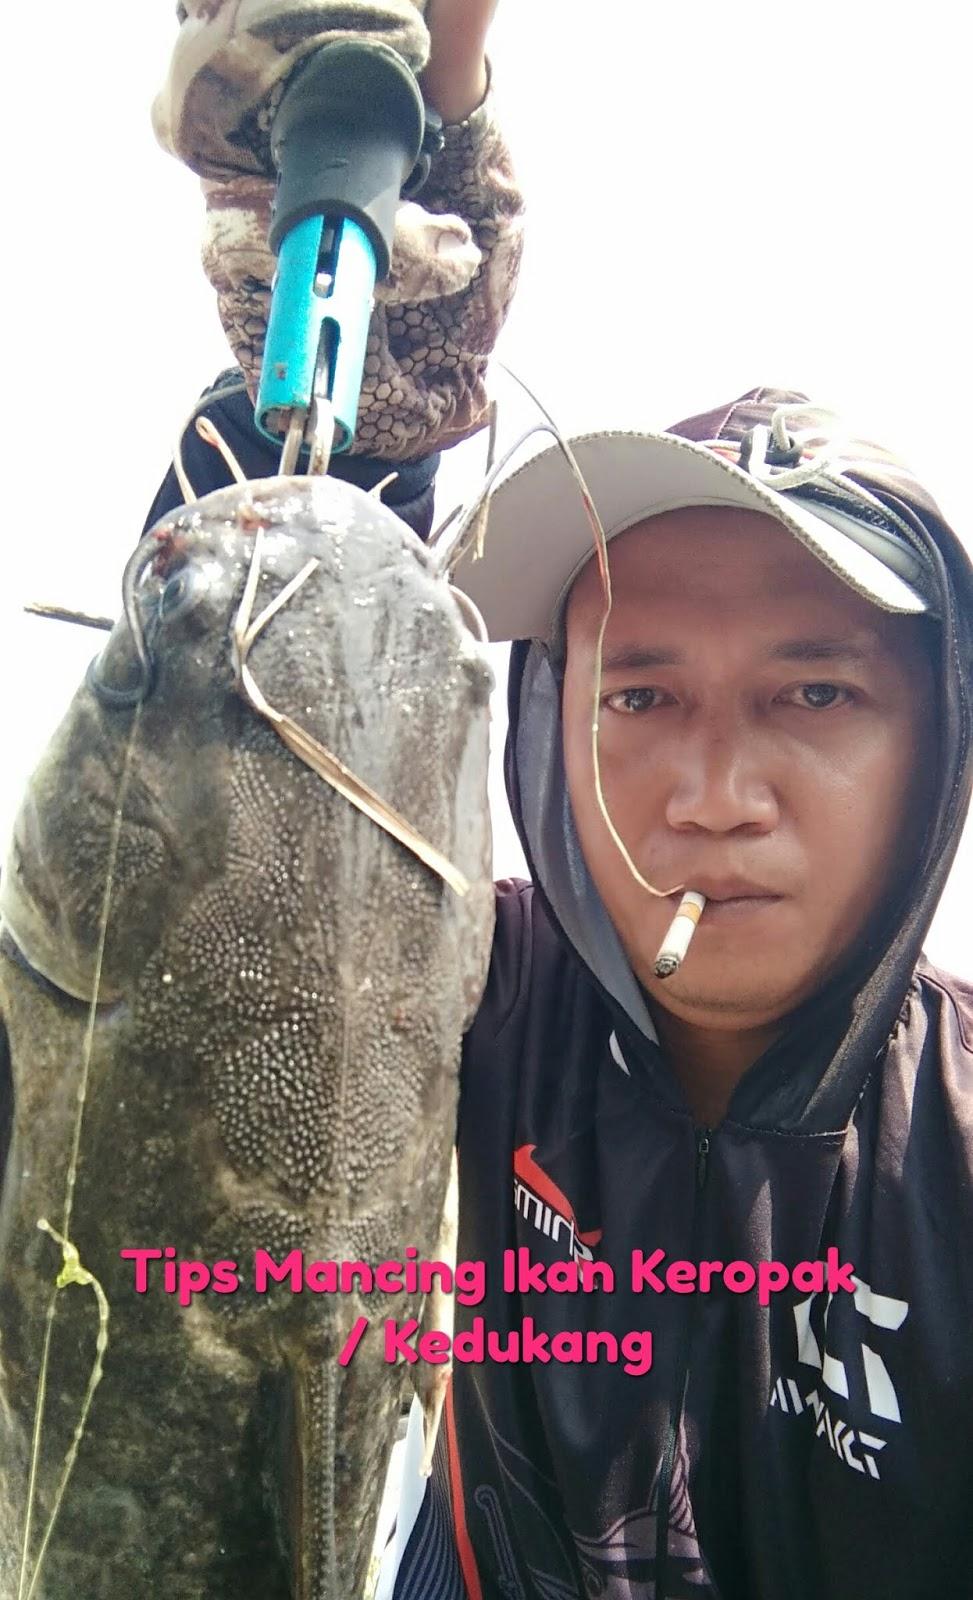 Tips Cara Mancing Ikan Keropak Atau Kedukang ~ Aliems' Journey